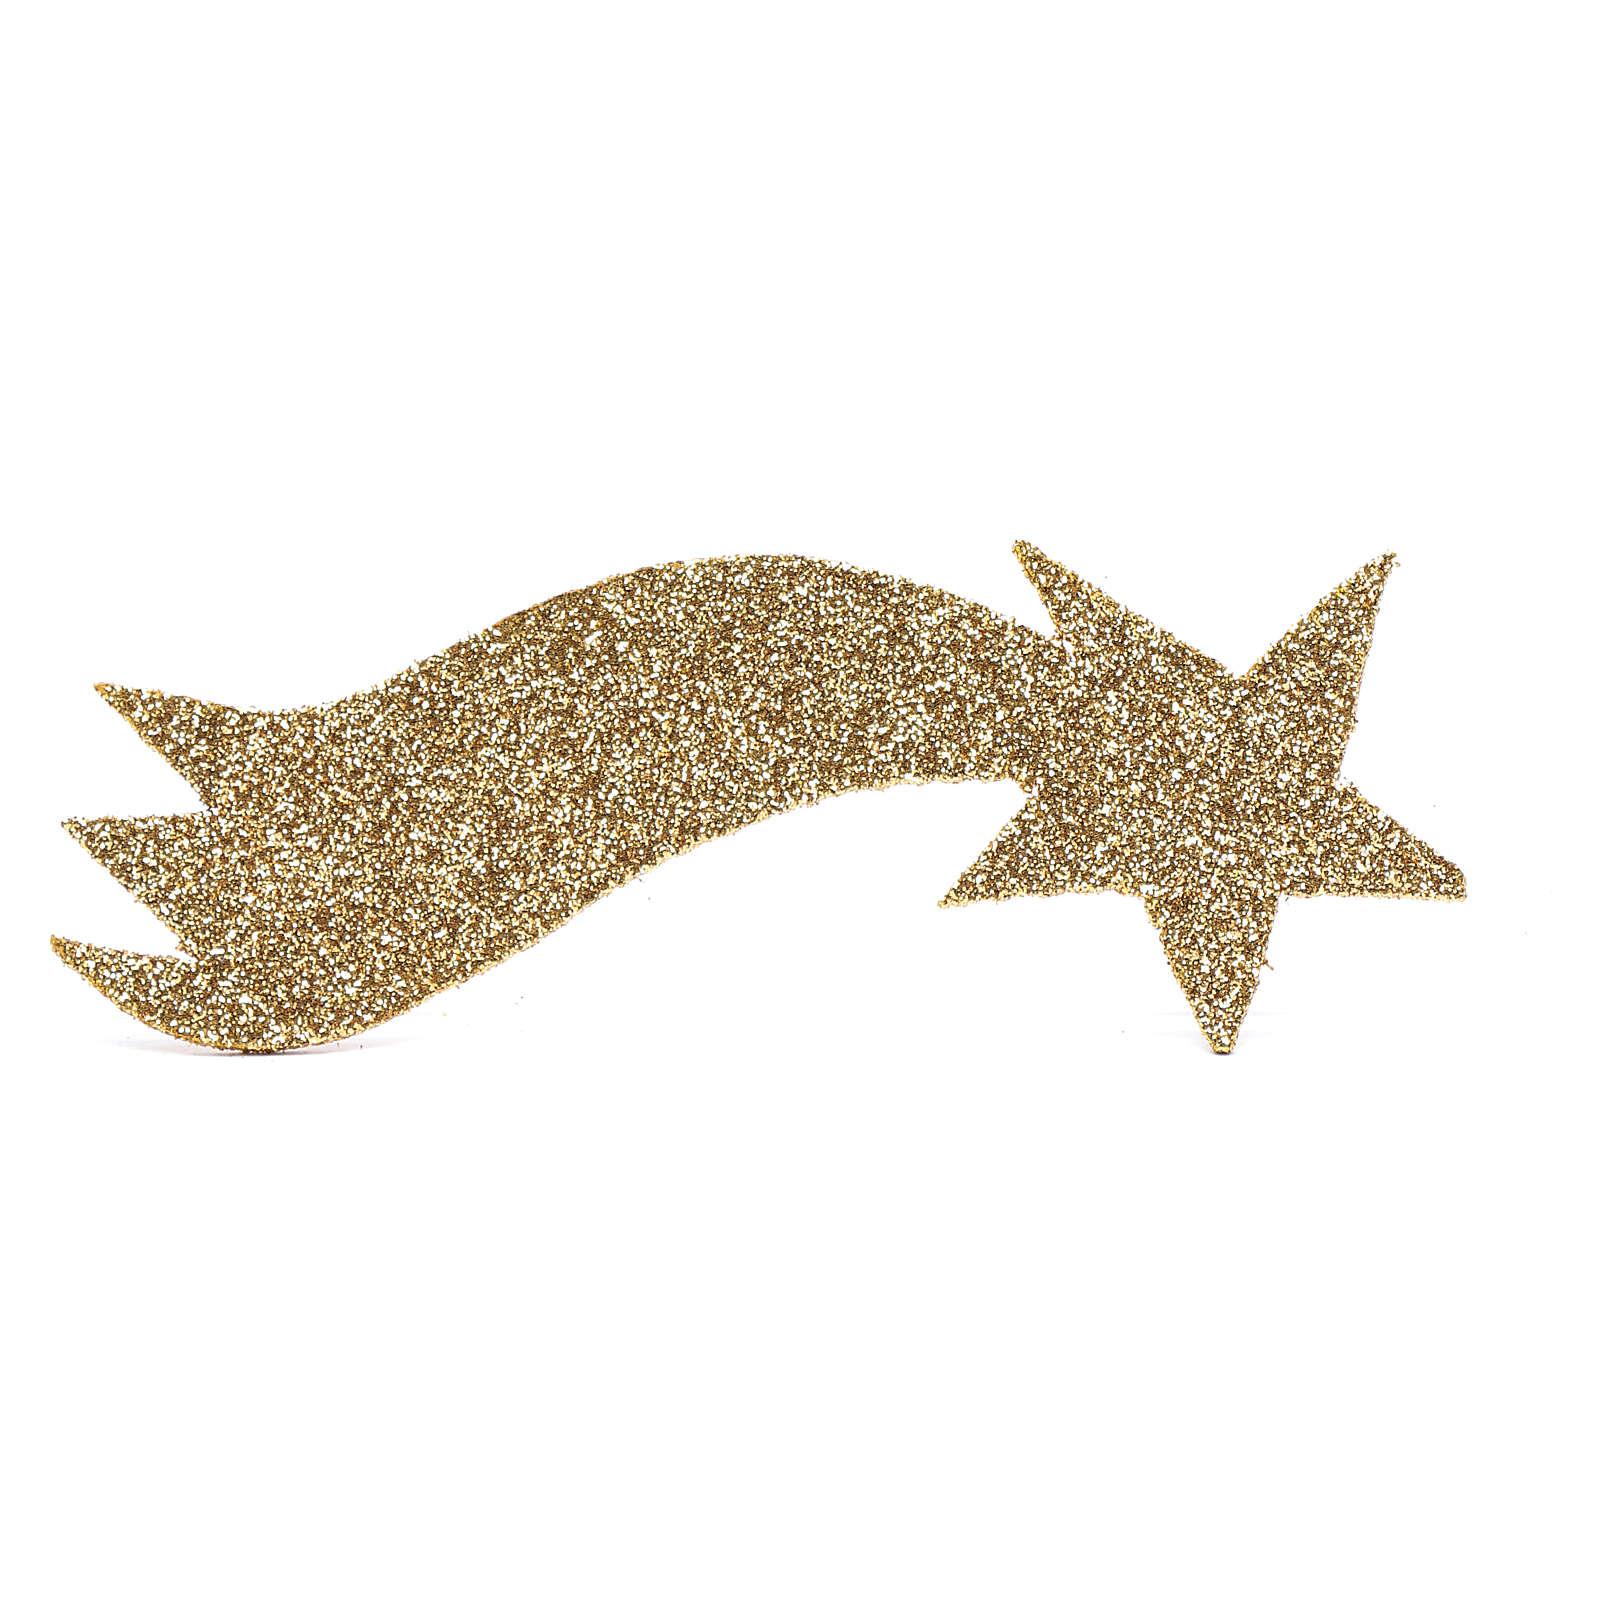 Gwiazda kometa złota brokat 5x20 cm 4